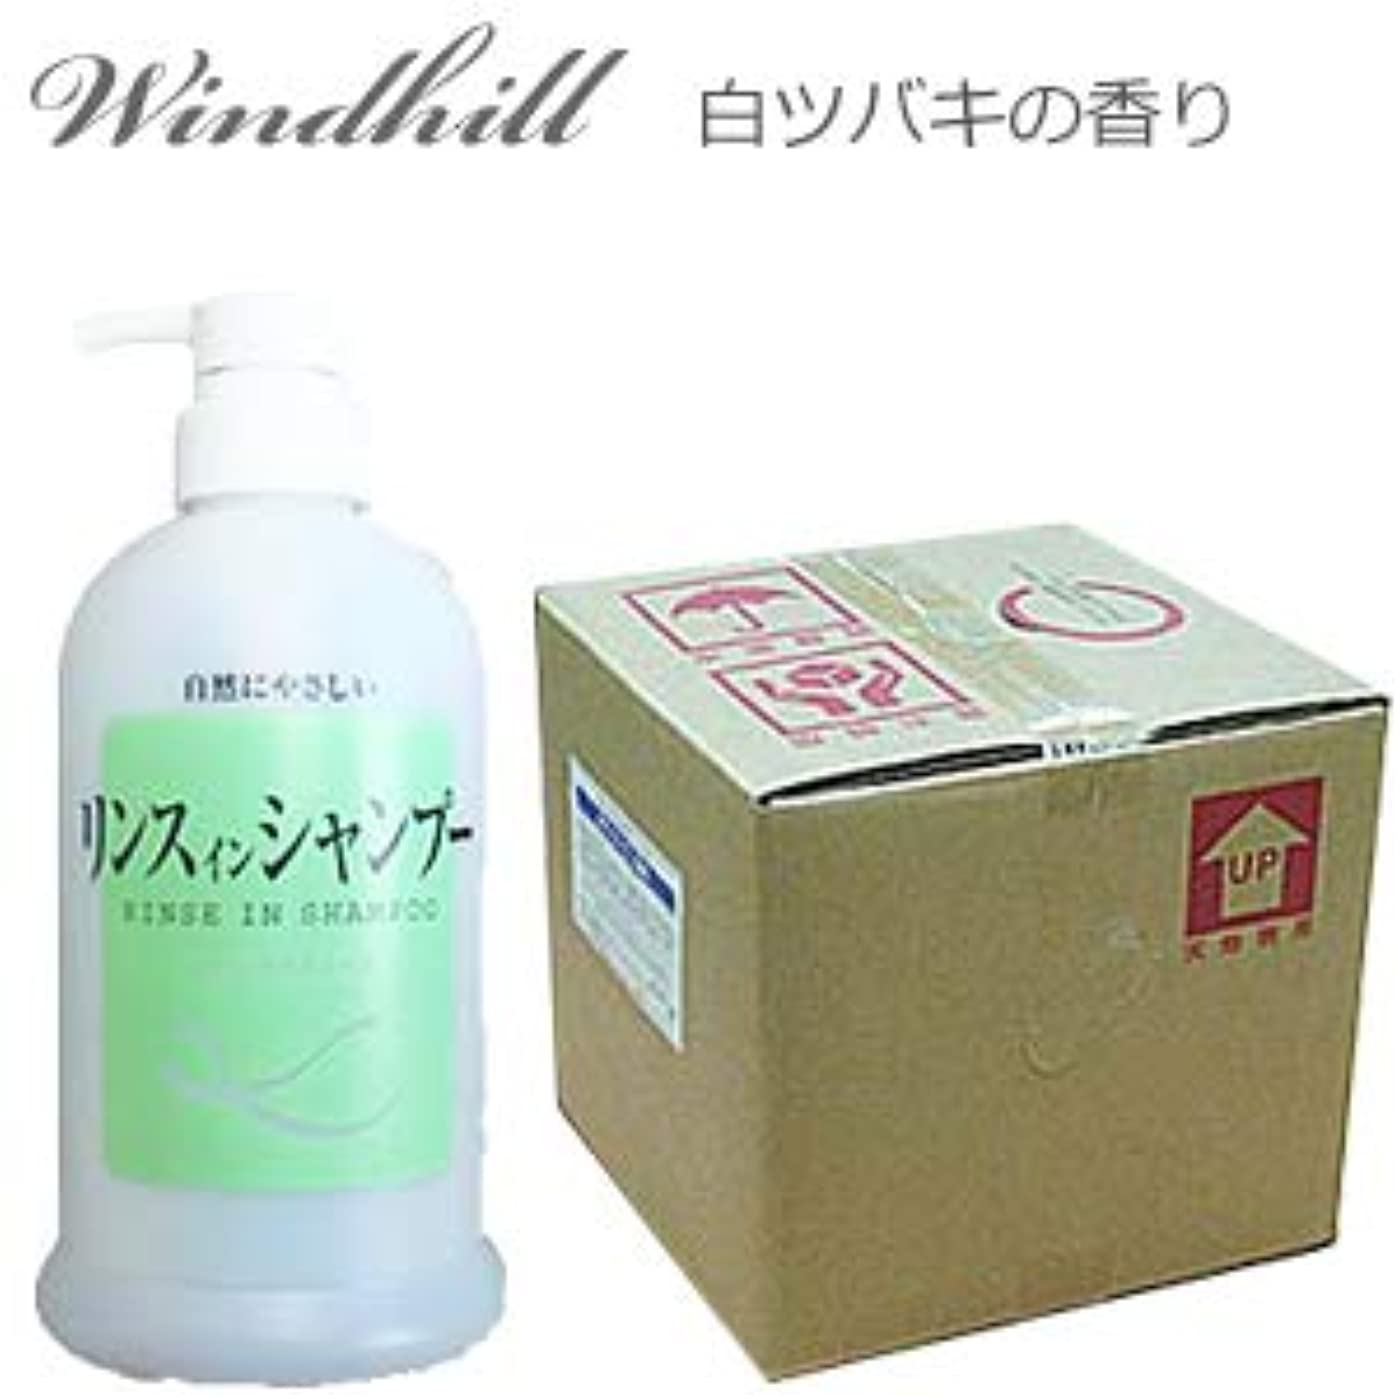 ビルヘッジホステスなんと! 500ml当り175円 Windhill 植物性 業務用 リンスインシャンプー 白椿の香り